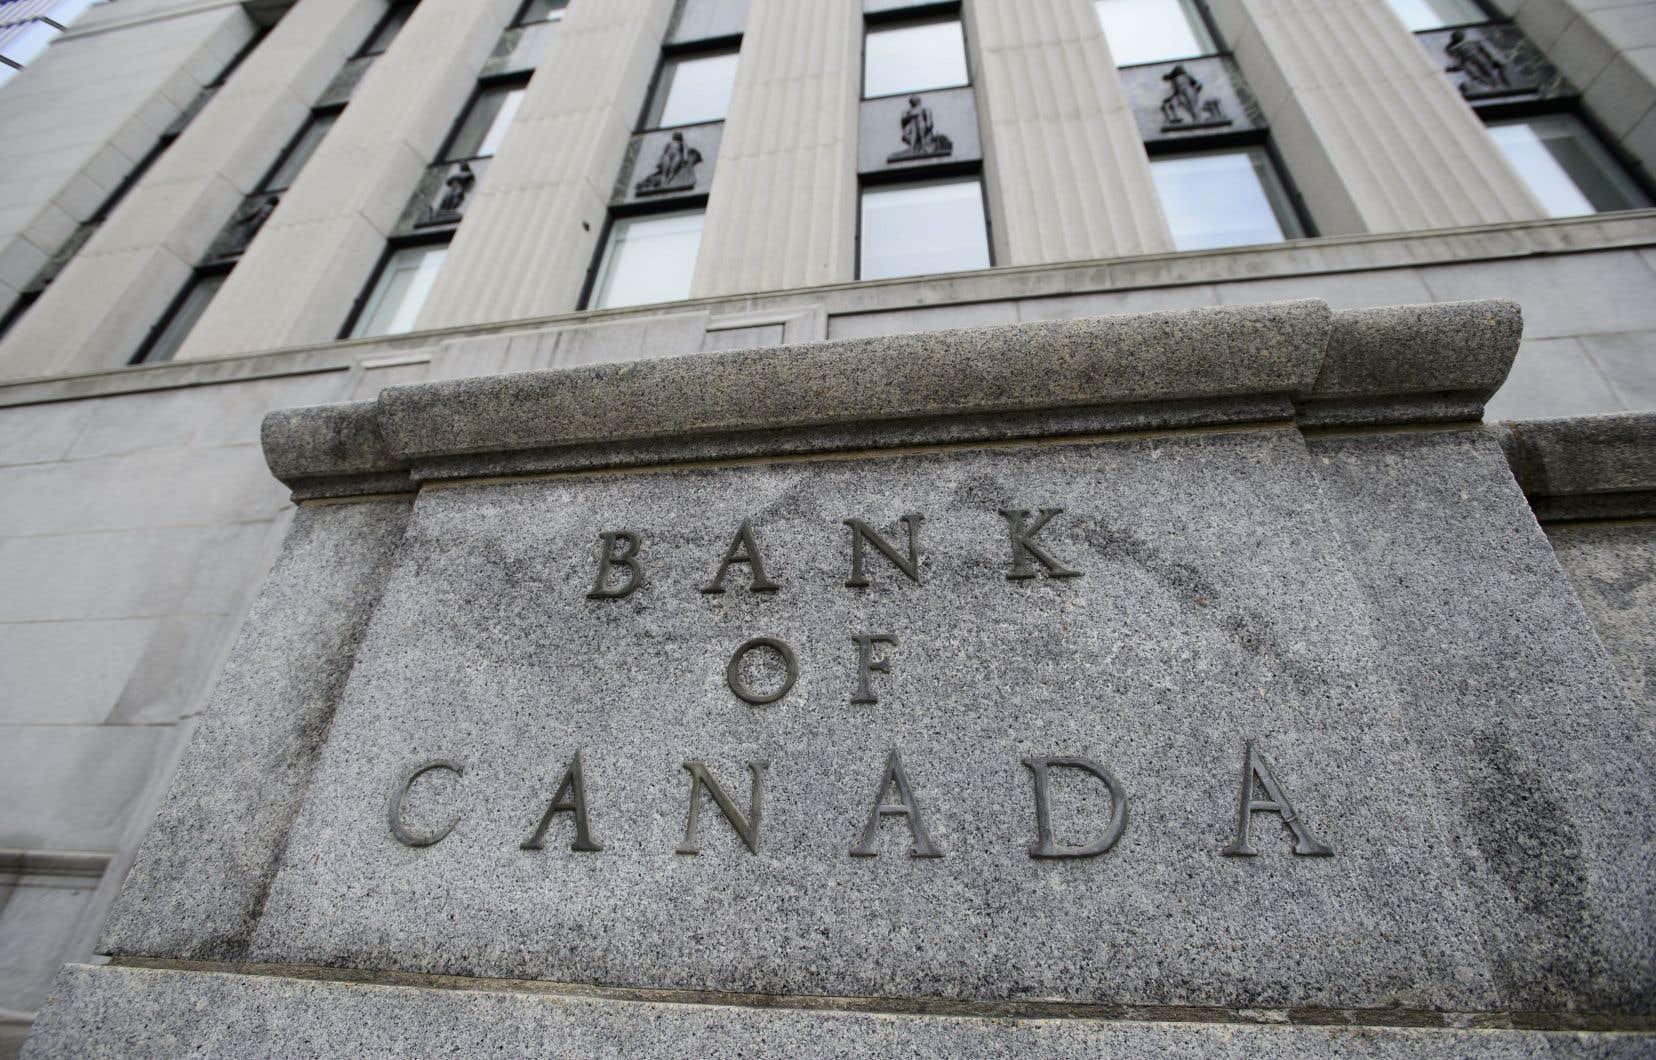 La banque centrale fera connaître sa décision concernant son taux directeur principal mercredi matin.